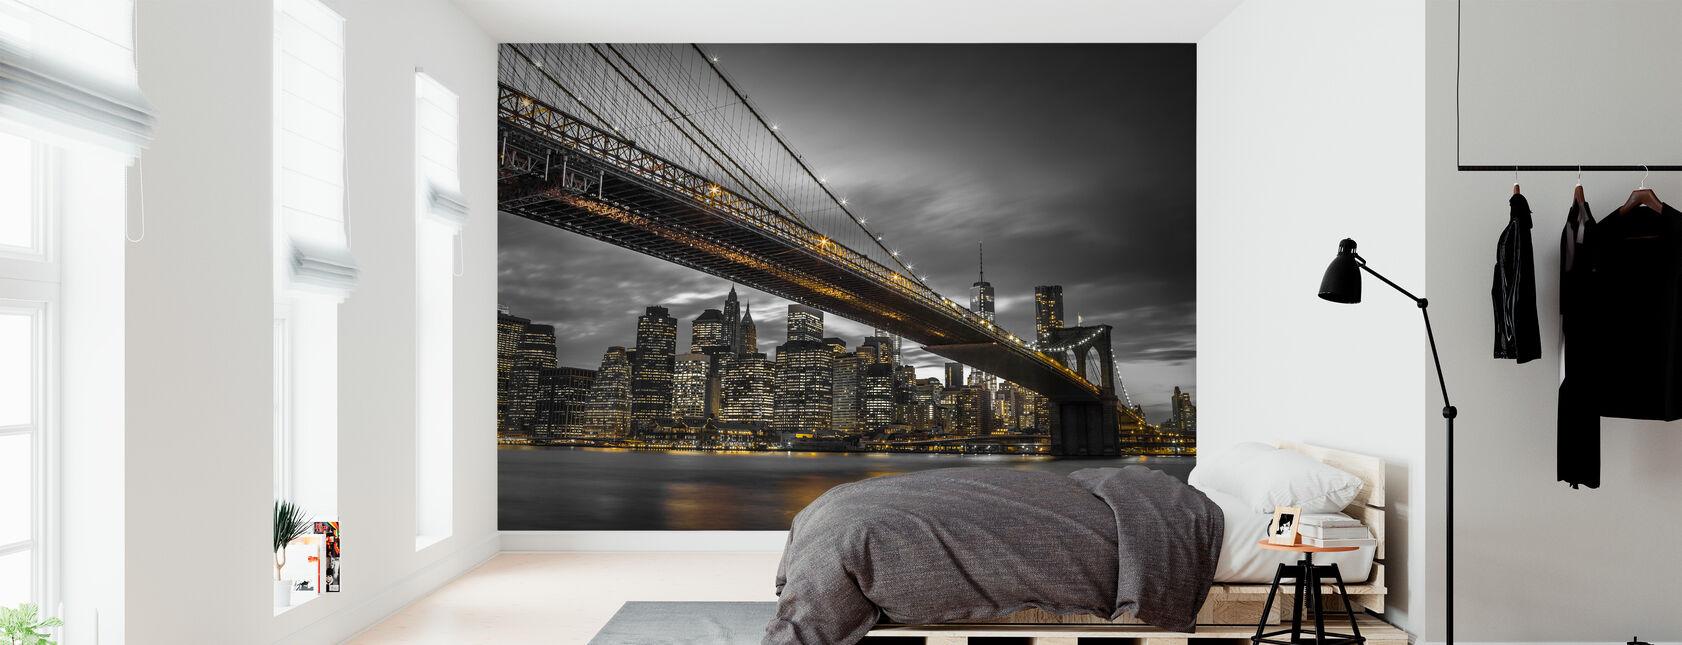 Puente de Brooklyn por la noche - Papel pintado - Dormitorio